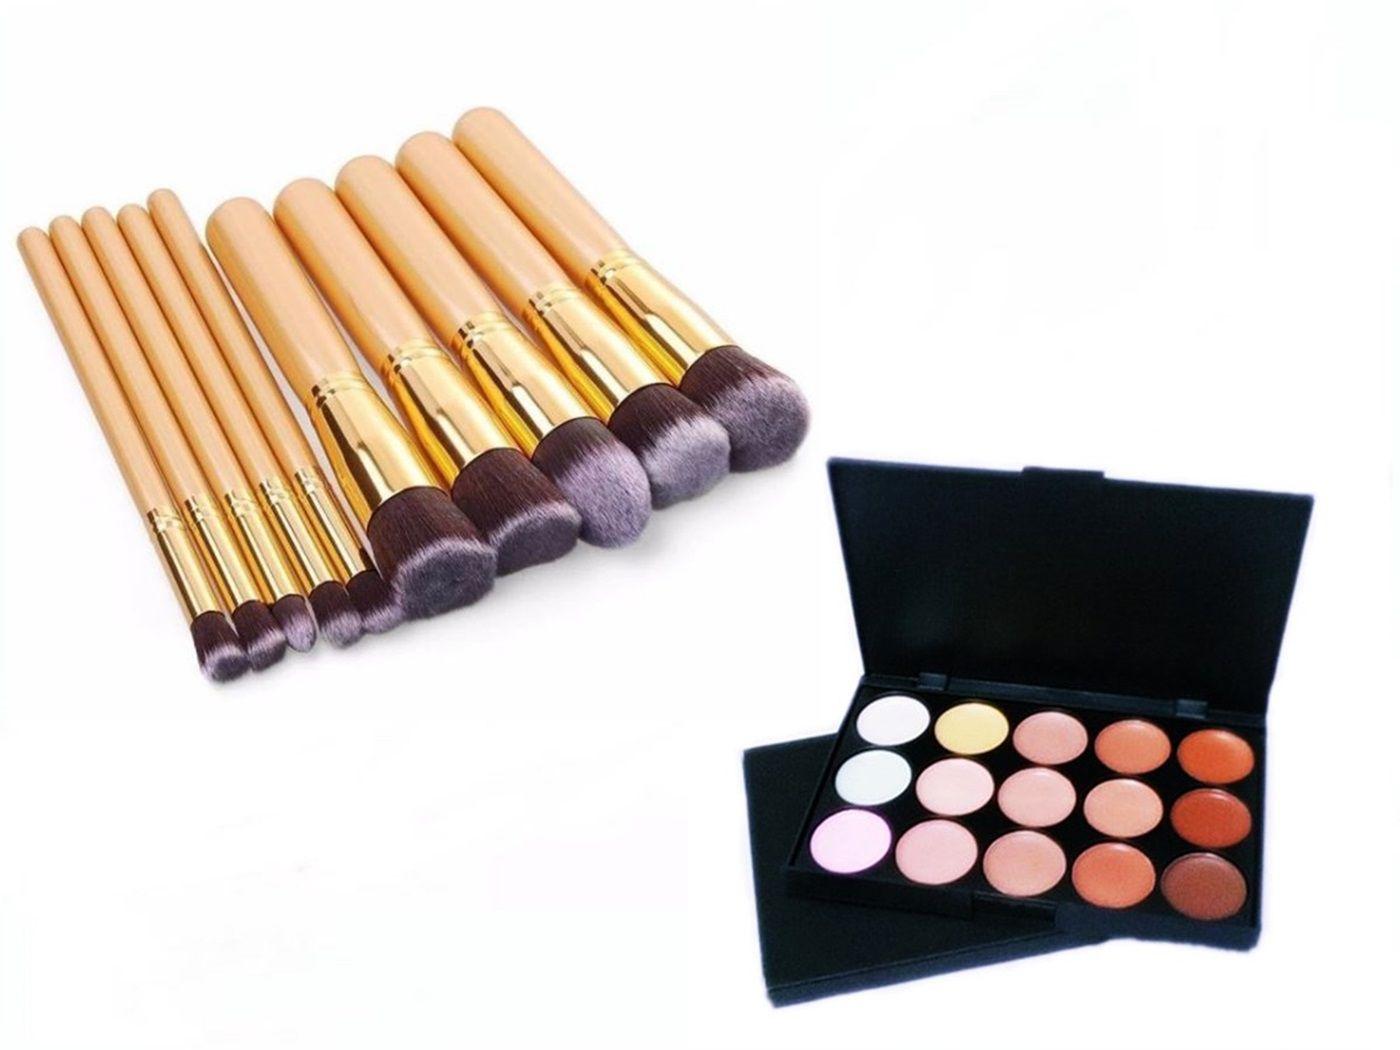 Kit 10 Pincéis Maquiagem Kabuki Dourado + Paleta Base Corretivo Com 15 Cores